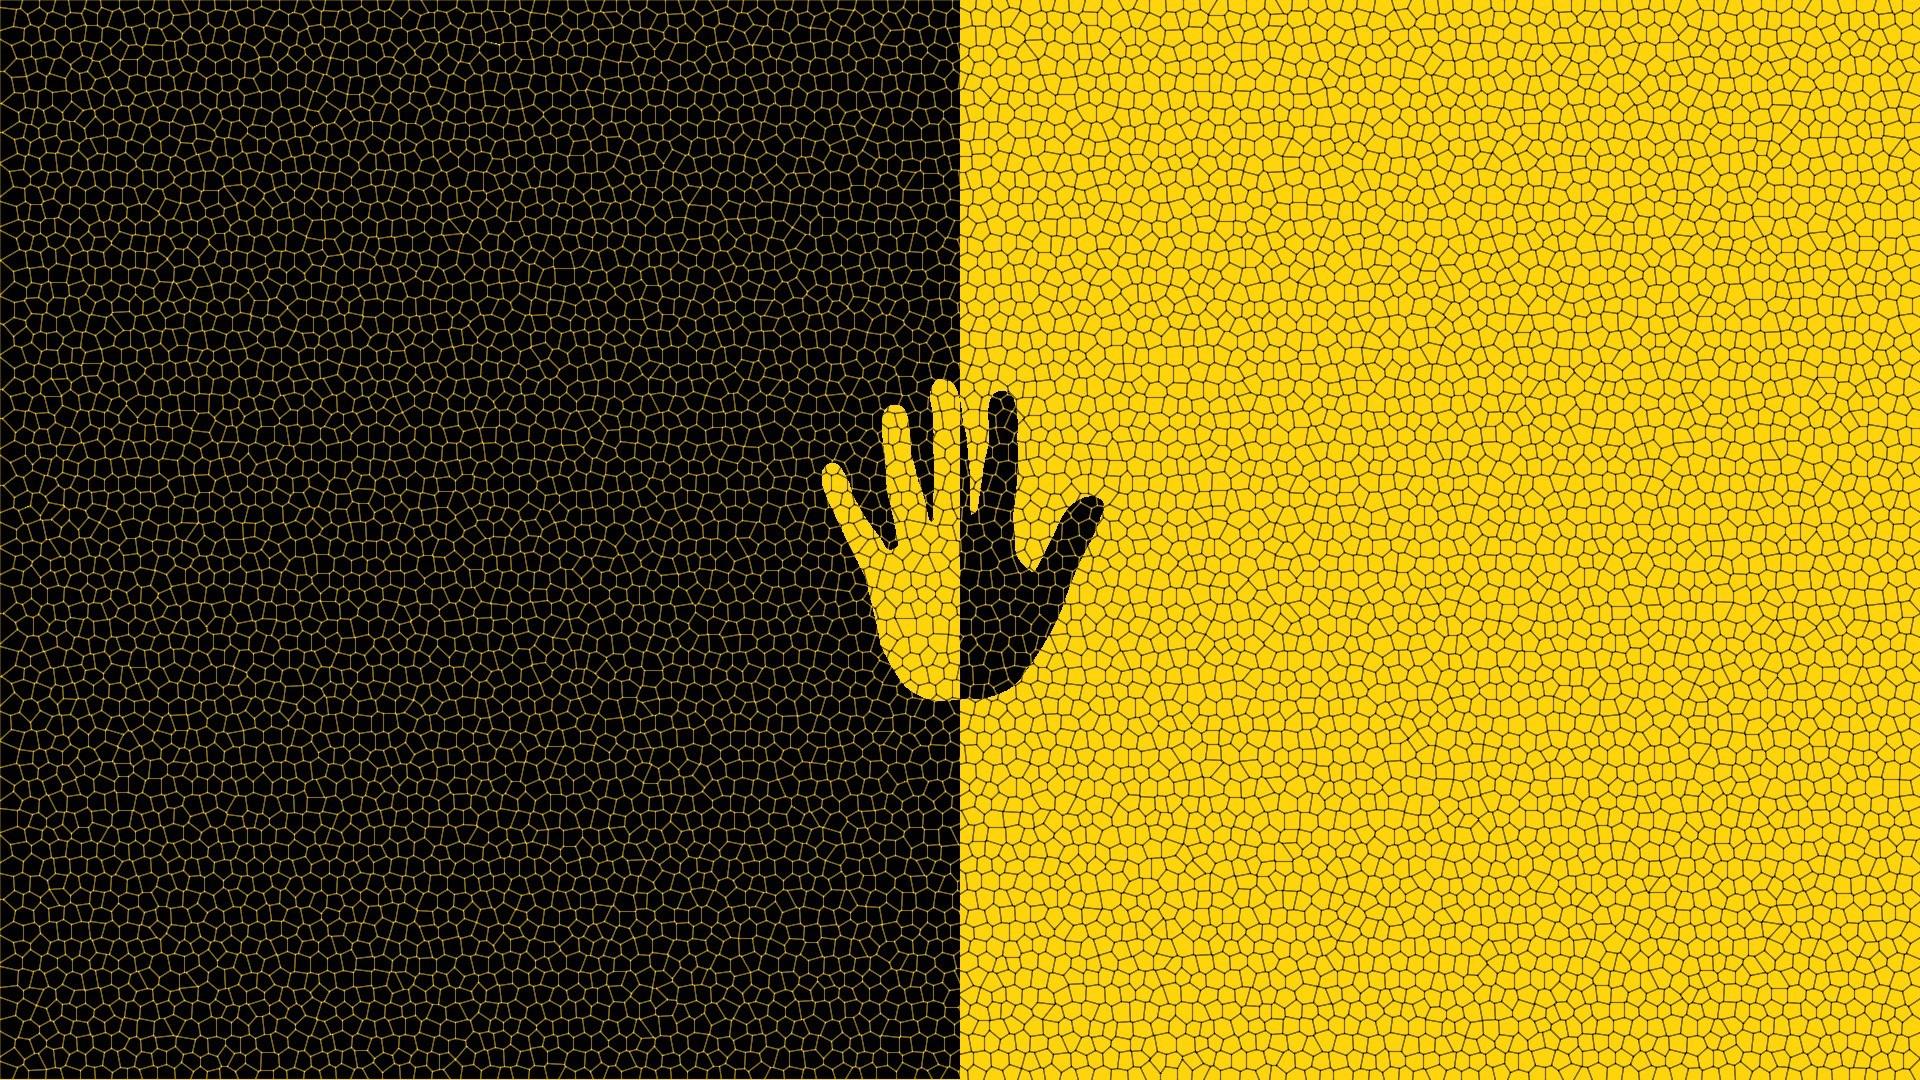 Black And Yellow Wallpaper Wallpapersafari